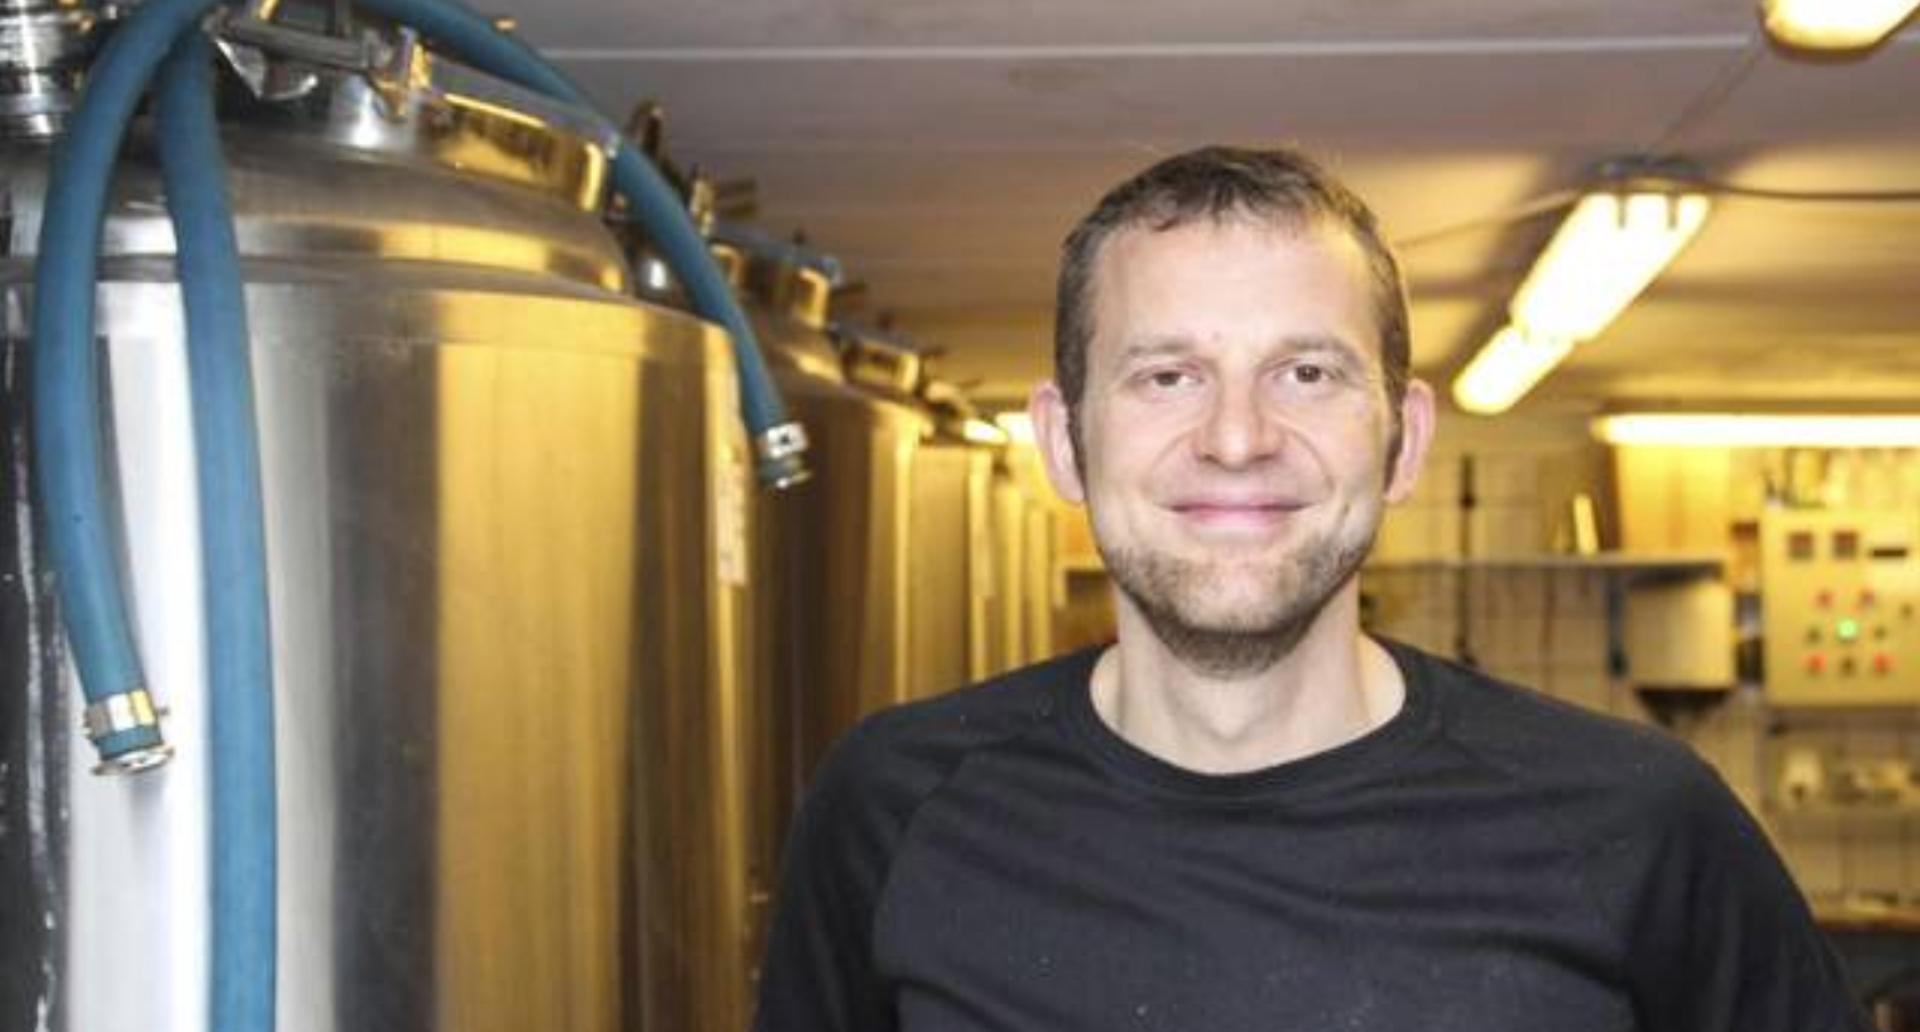 """Lisbjergs garagebryggeri: """"90 procent bøvl"""", tappearm og masser af passion"""